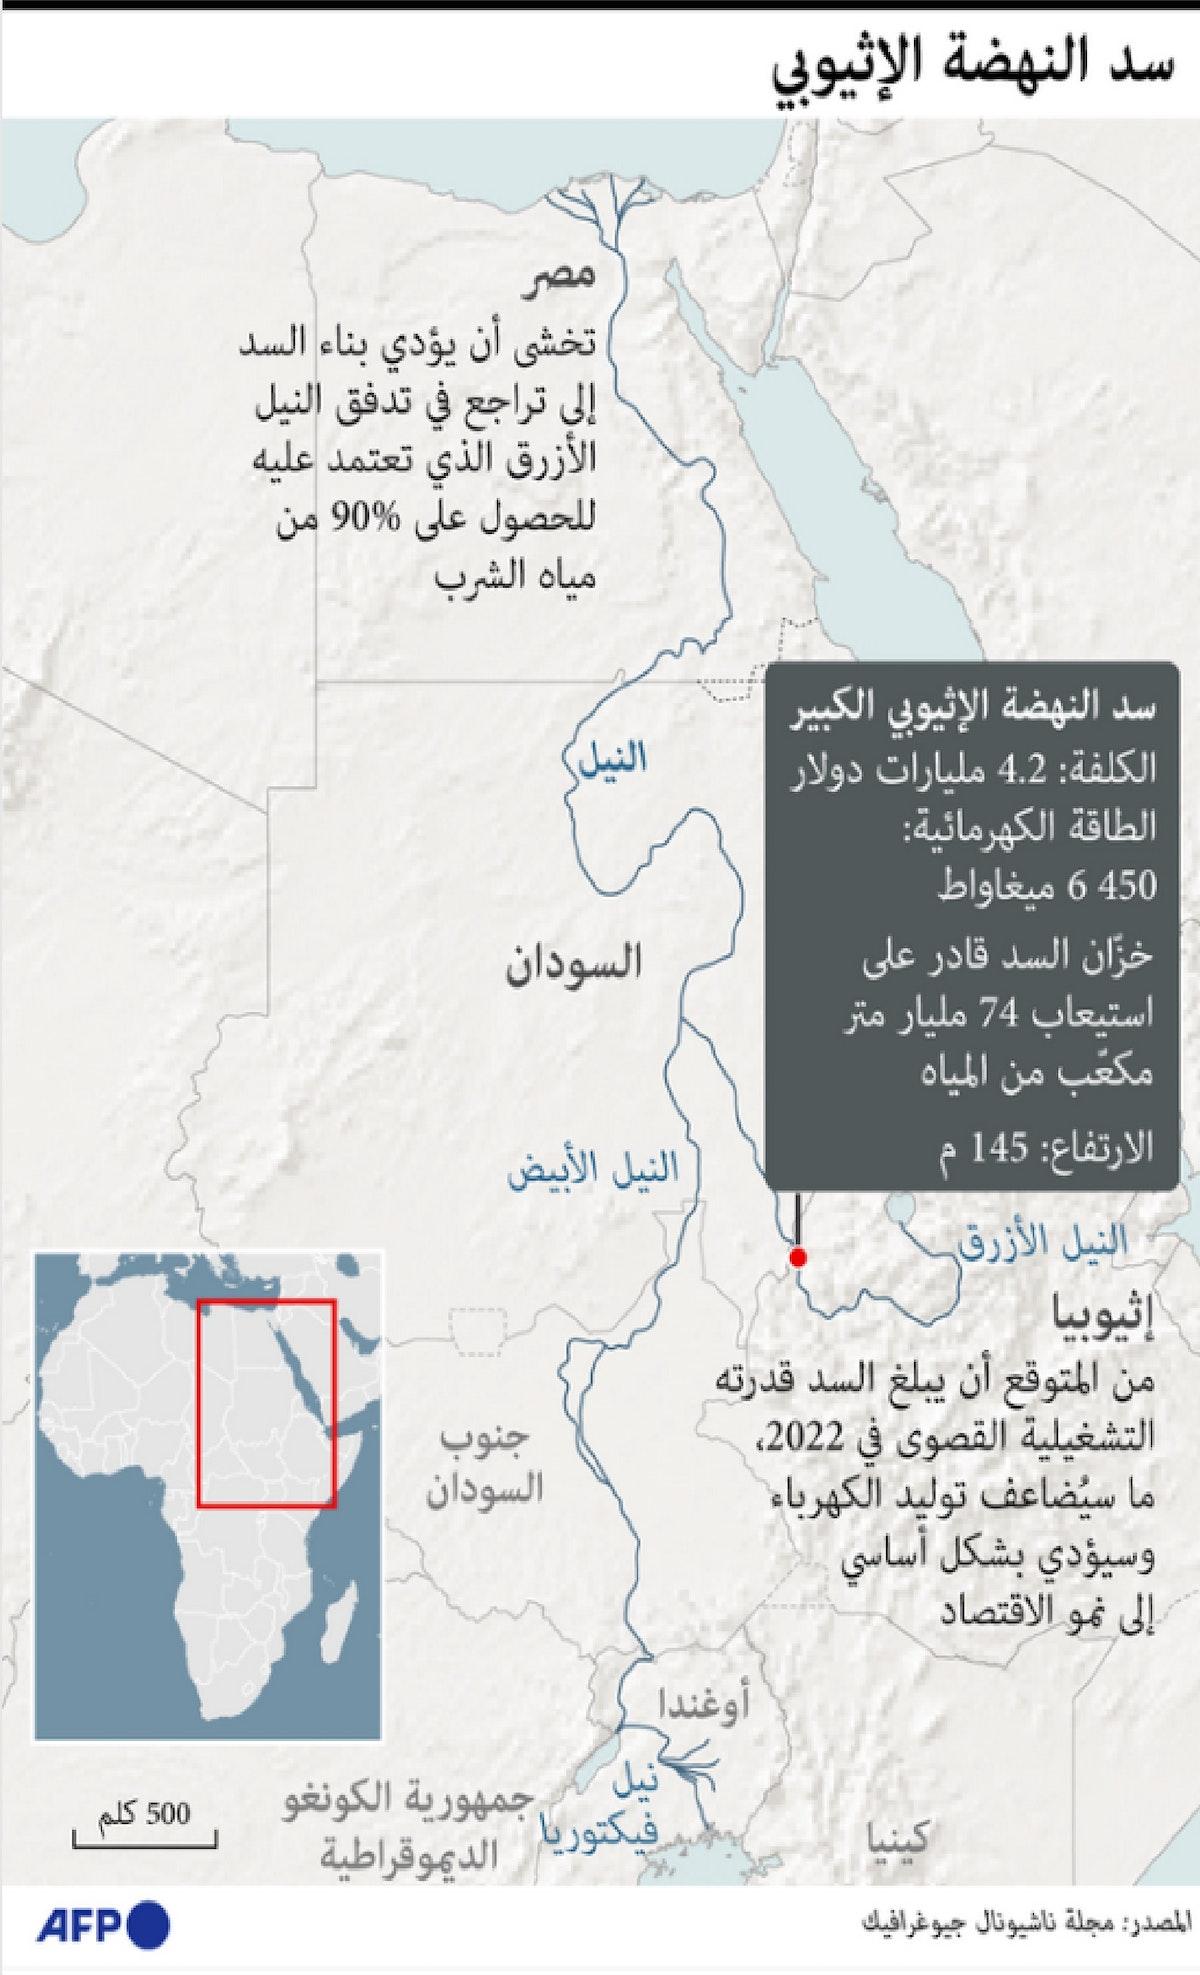 معلومات تقنية عن سد النهضة - AFP